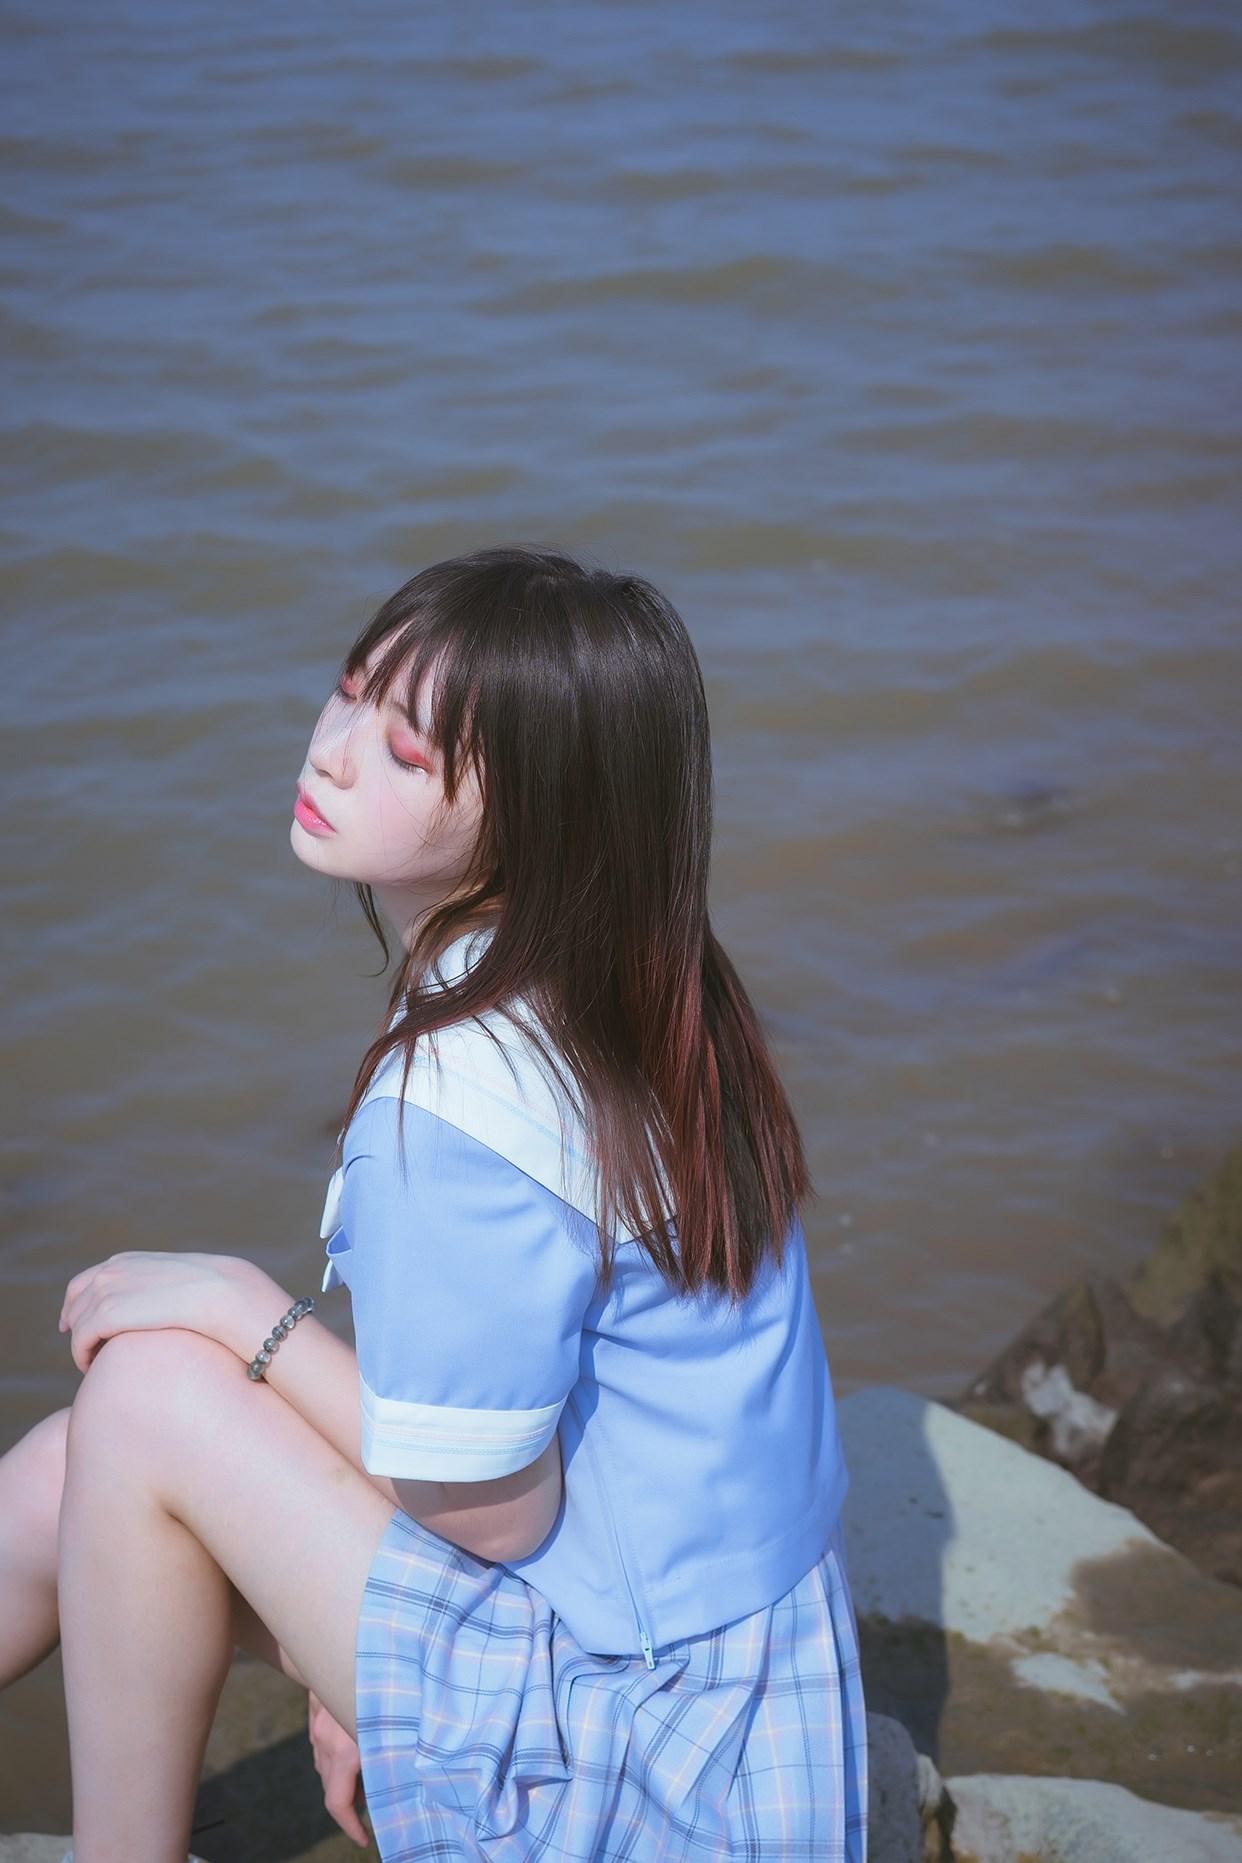 【兔玩映画】一起去海鸥岛吧 兔玩映画 第6张